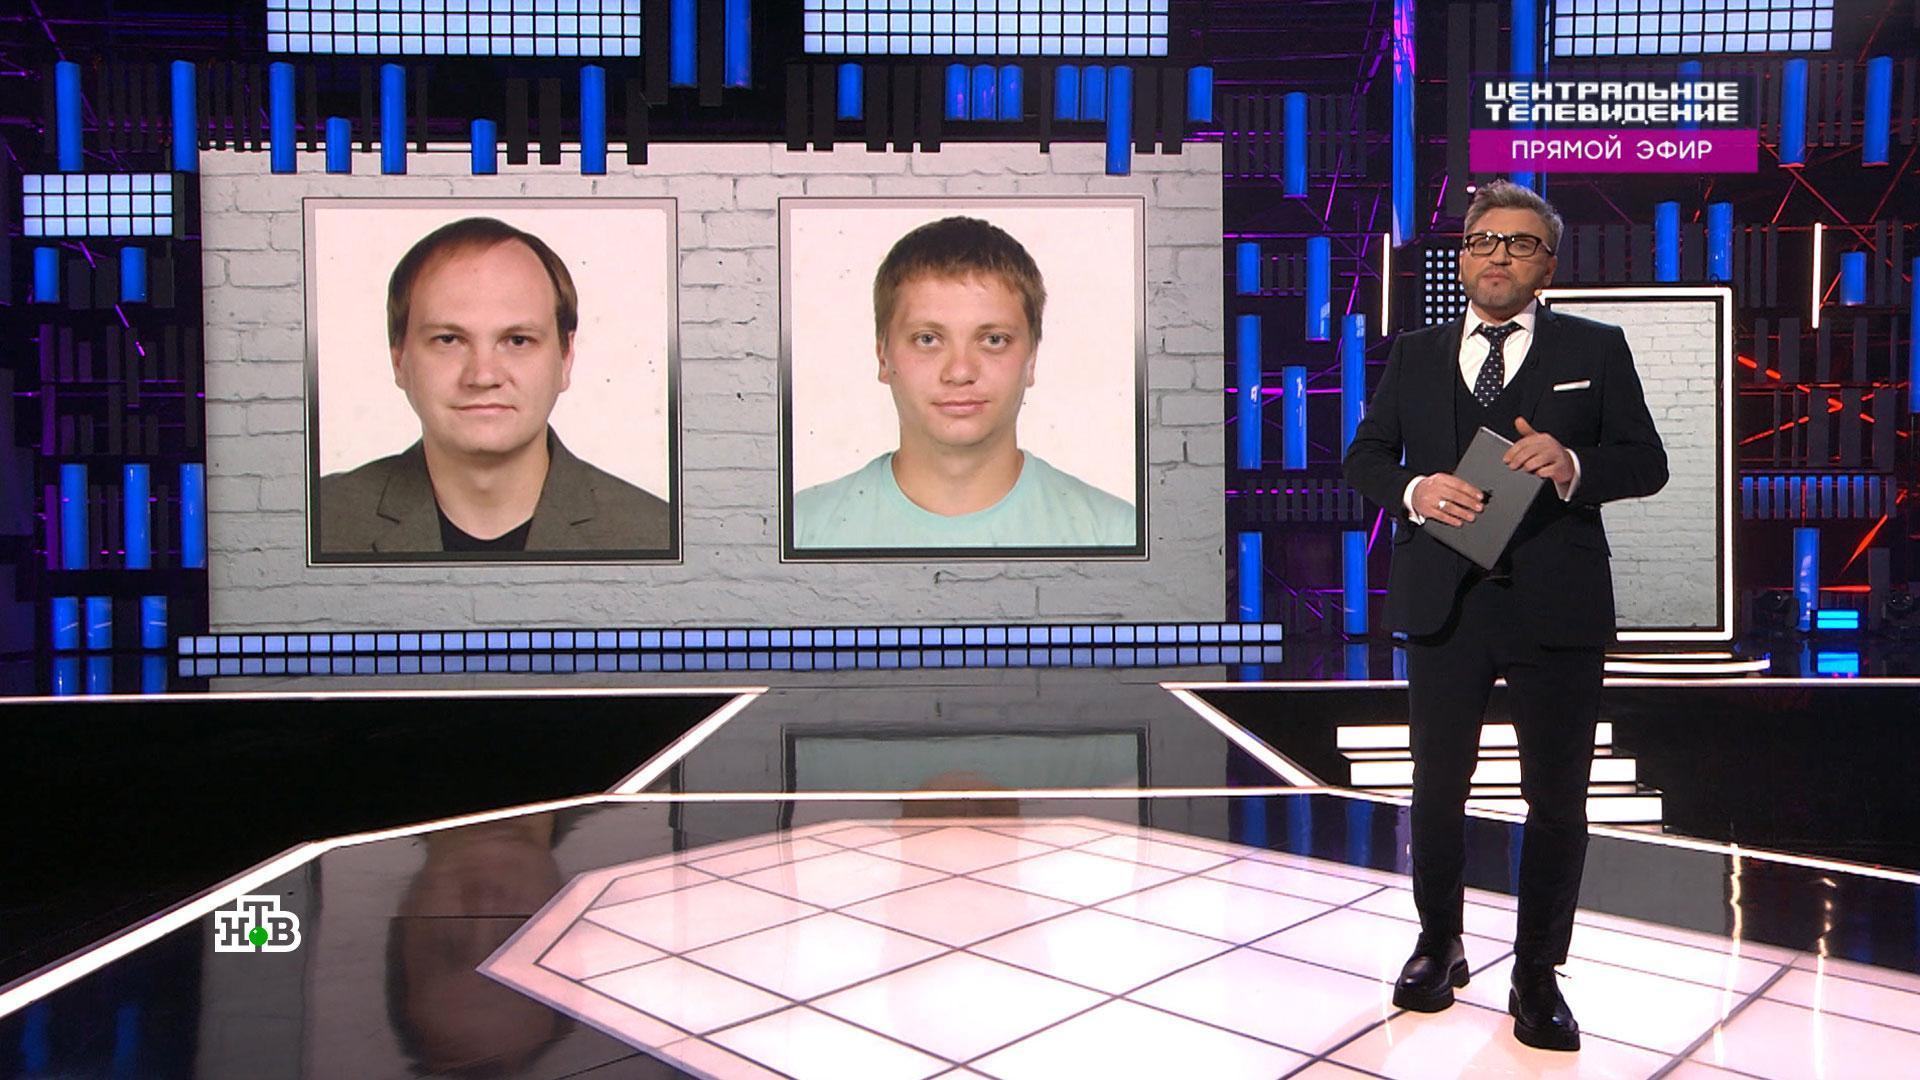 Фото задержанных журналистов НТВ было показано в эфире телеканала